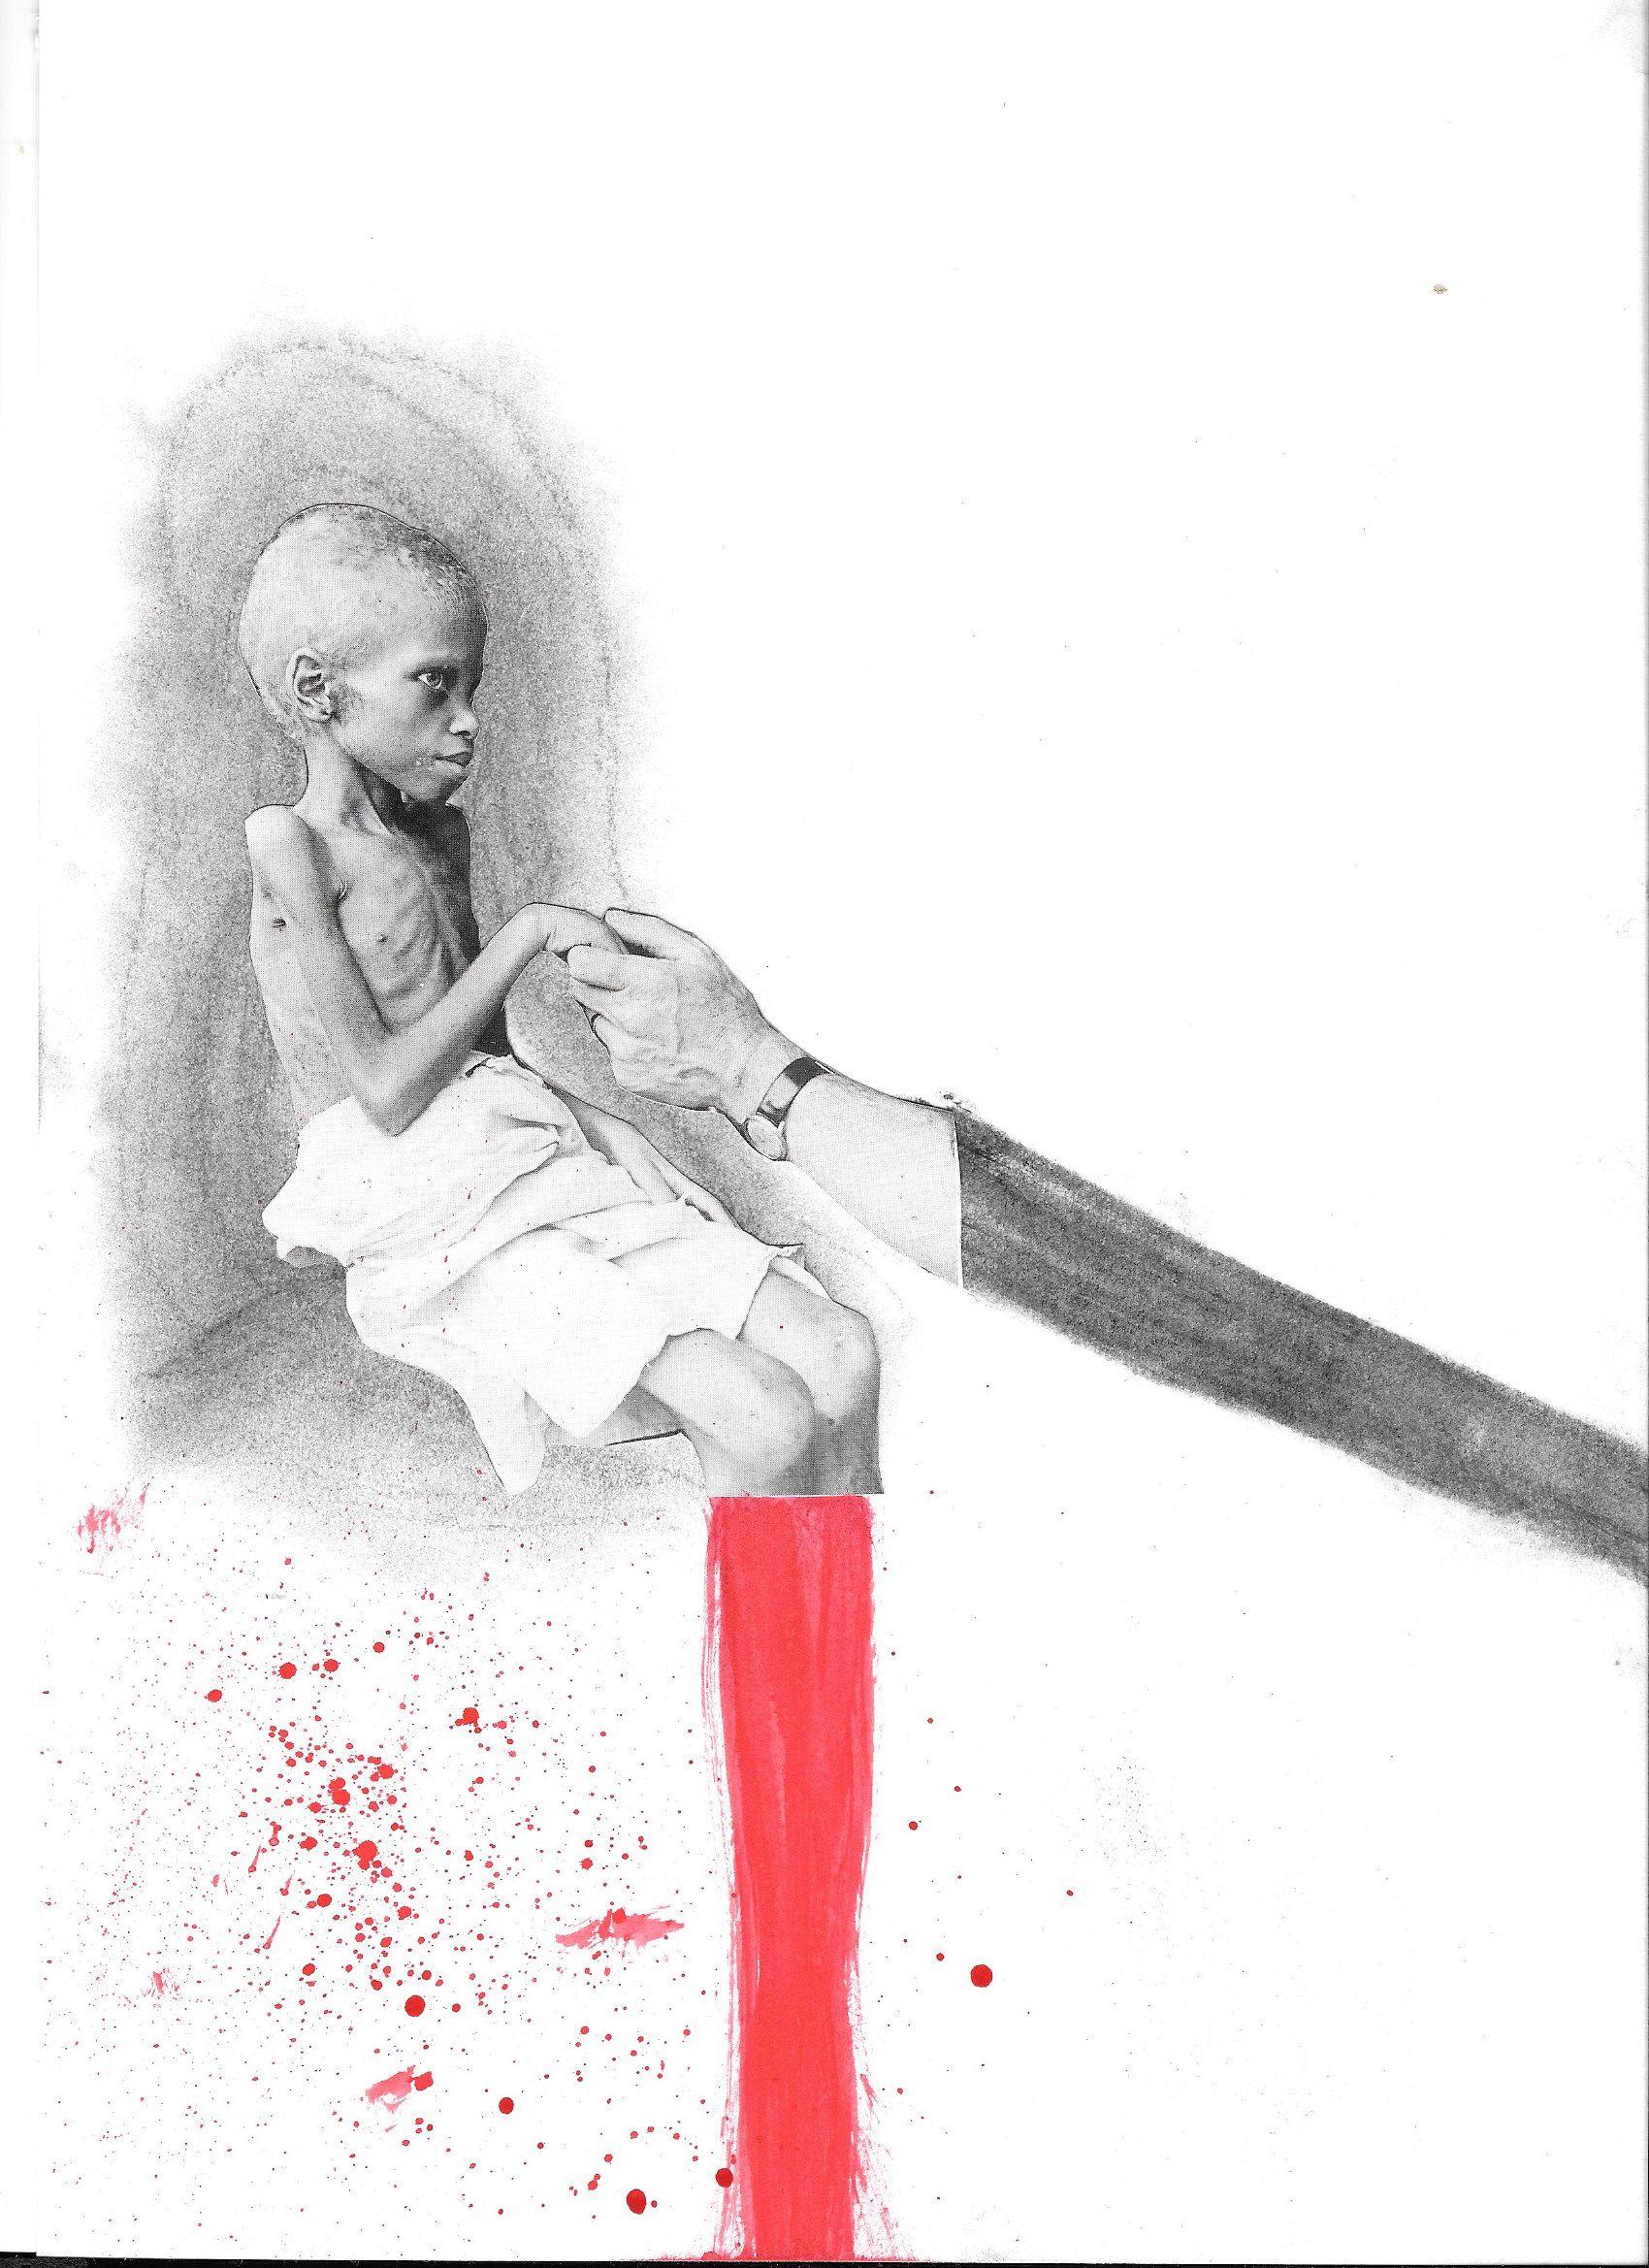 Αποτέλεσμα εικόνας για art kolaz poor people